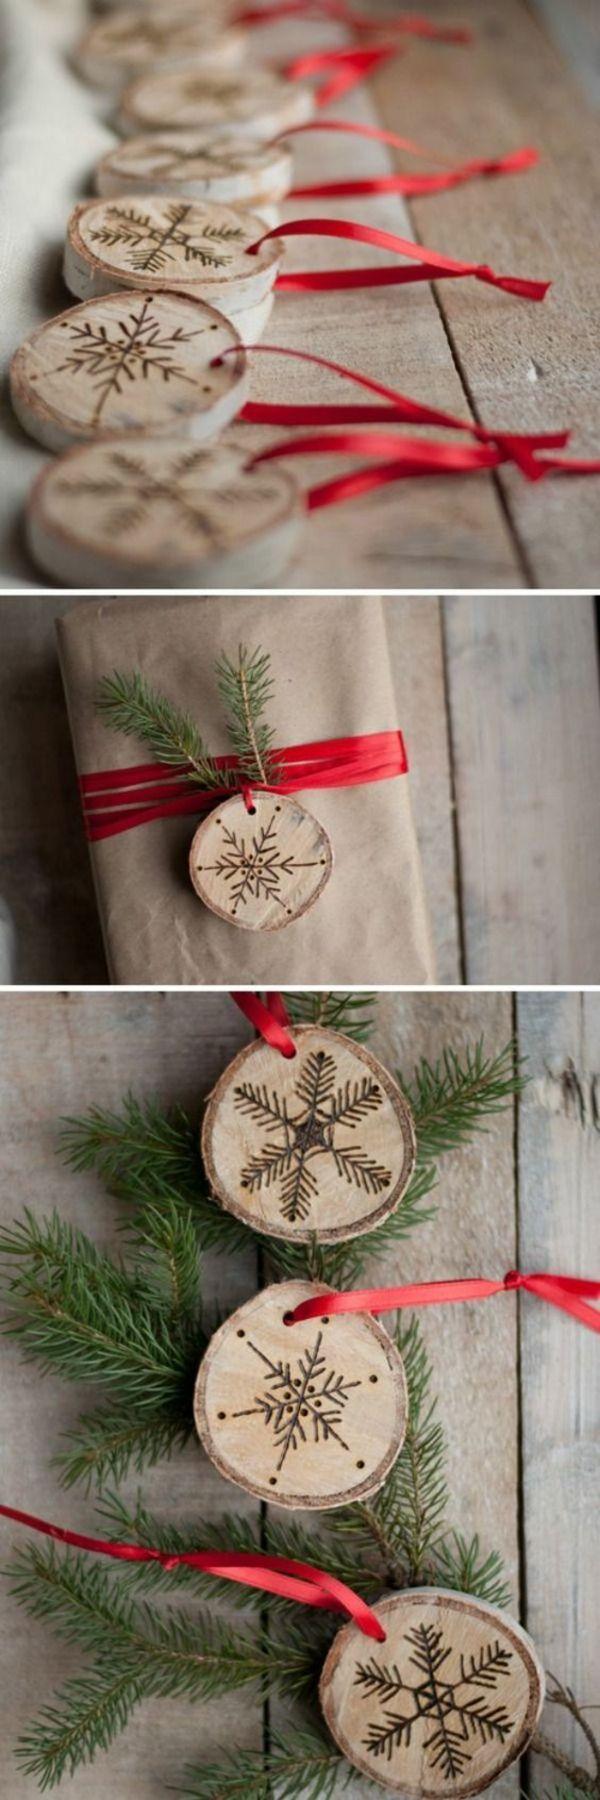 Deko mit Holzscheiben selber machen: tolle Bastelideen und jede Menge Anregung! #selbstgemachtesweihnachten deko mit holzscheiben selber machen bastelideen zu weihnachten #holzscheibendeko